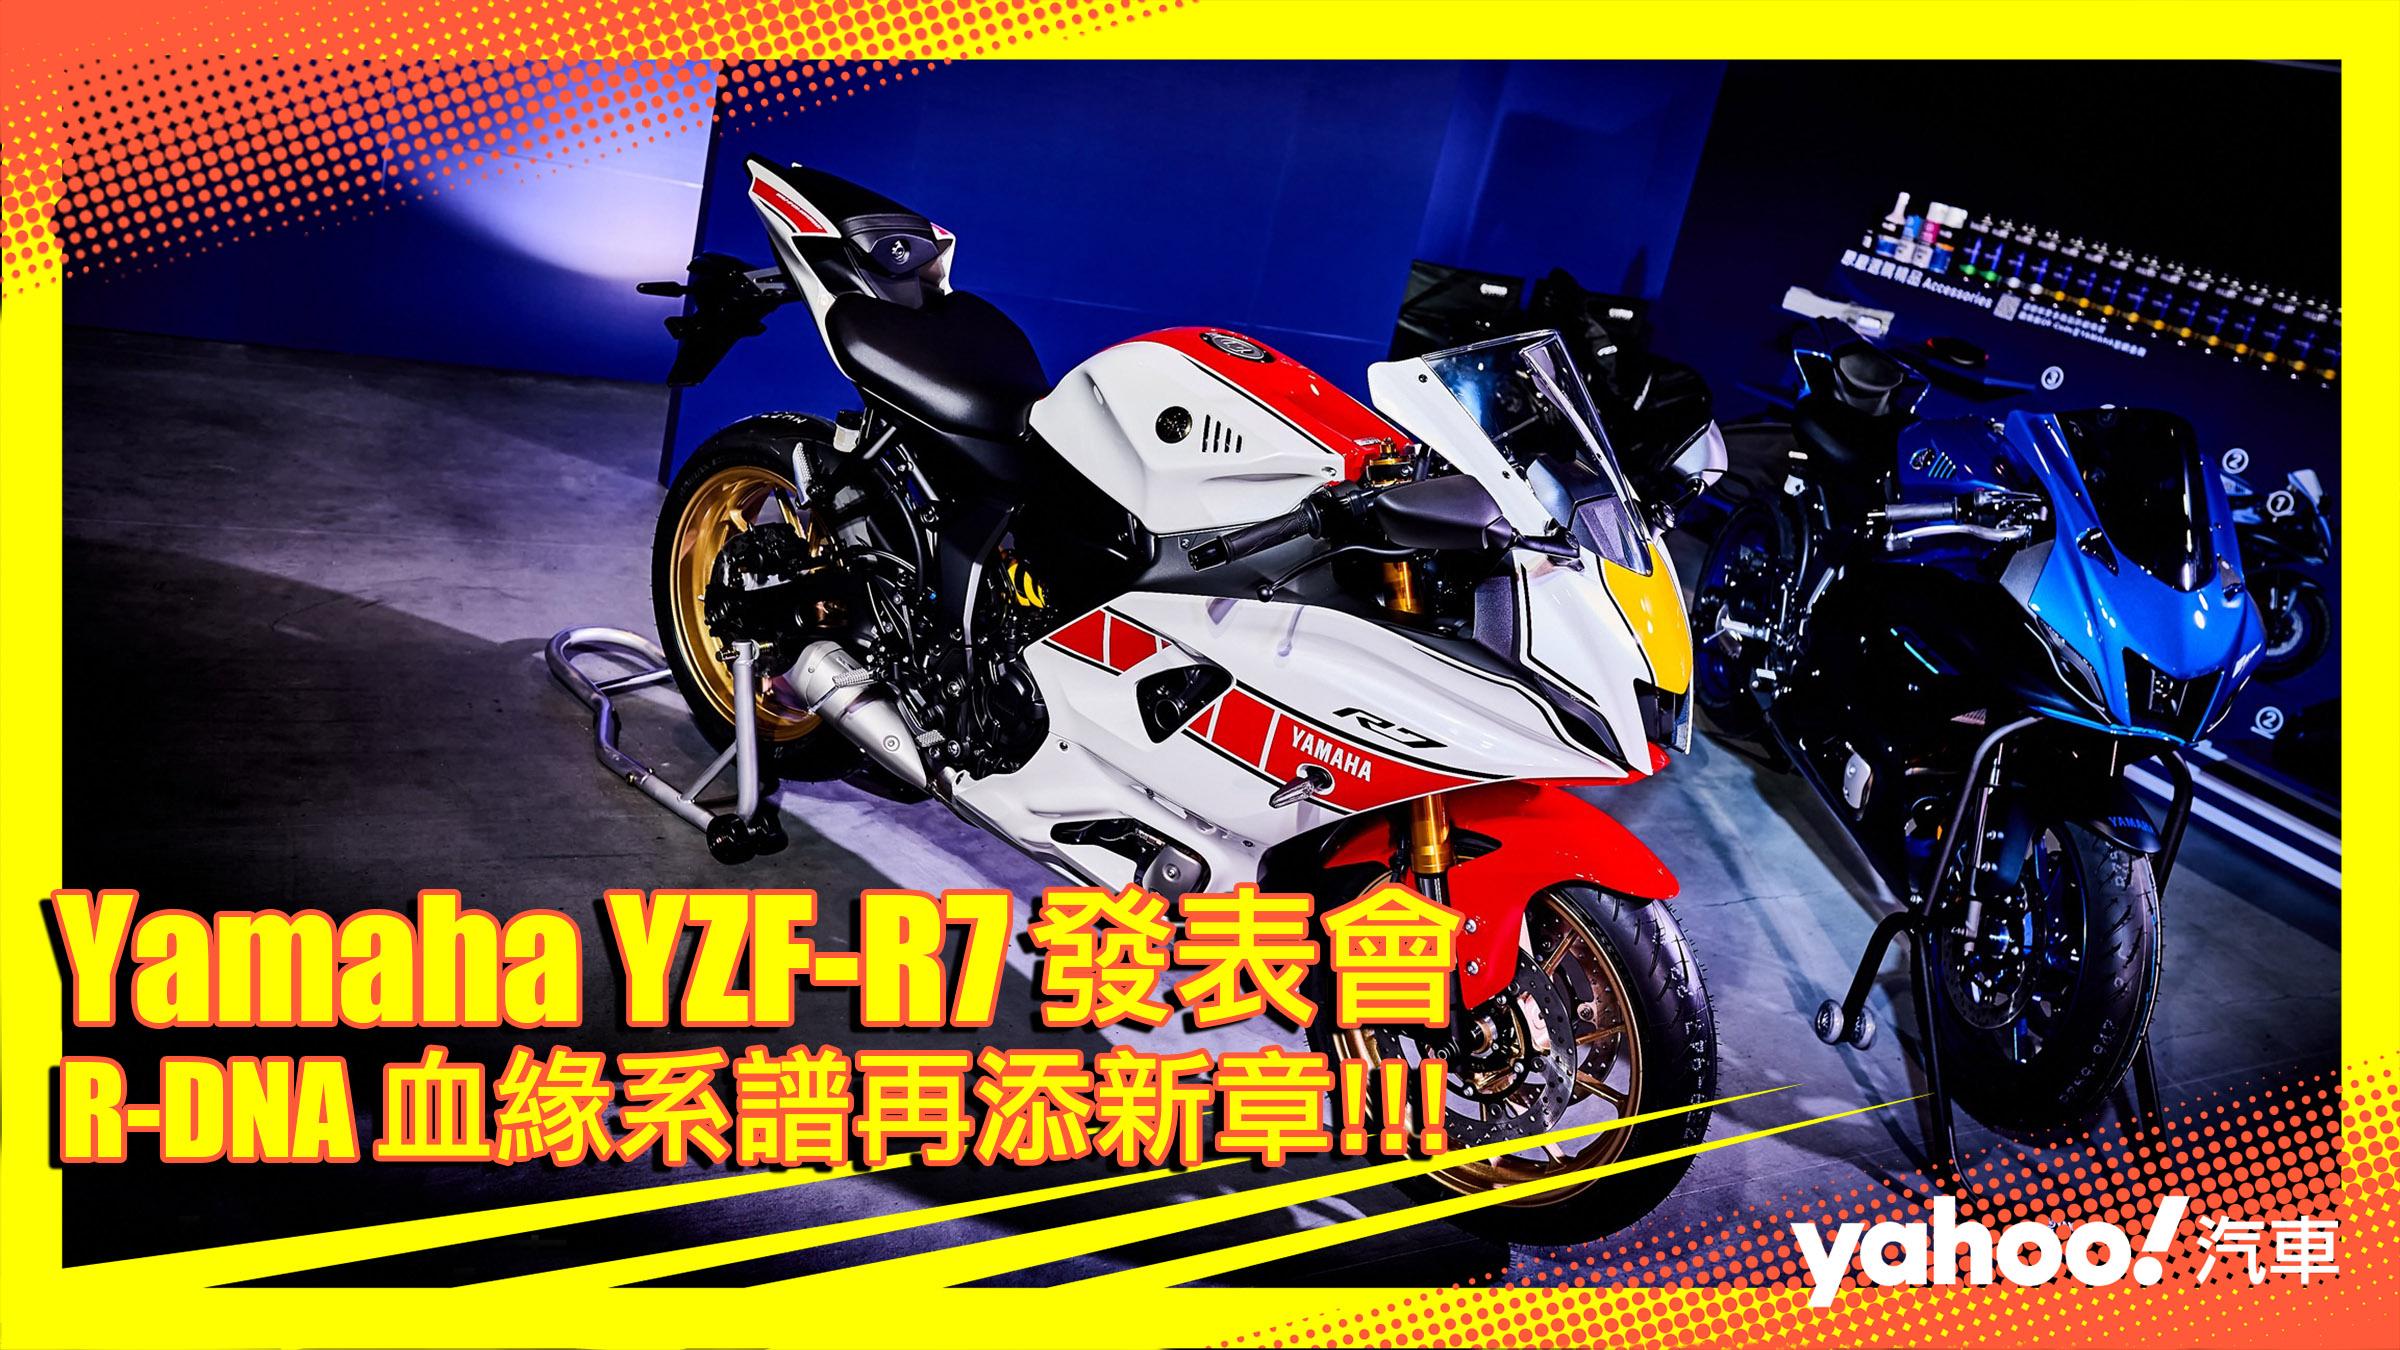 【發表直擊】2022 Yamaha YZF-R7正式在台上市!R-DNA血緣系譜再添新章!